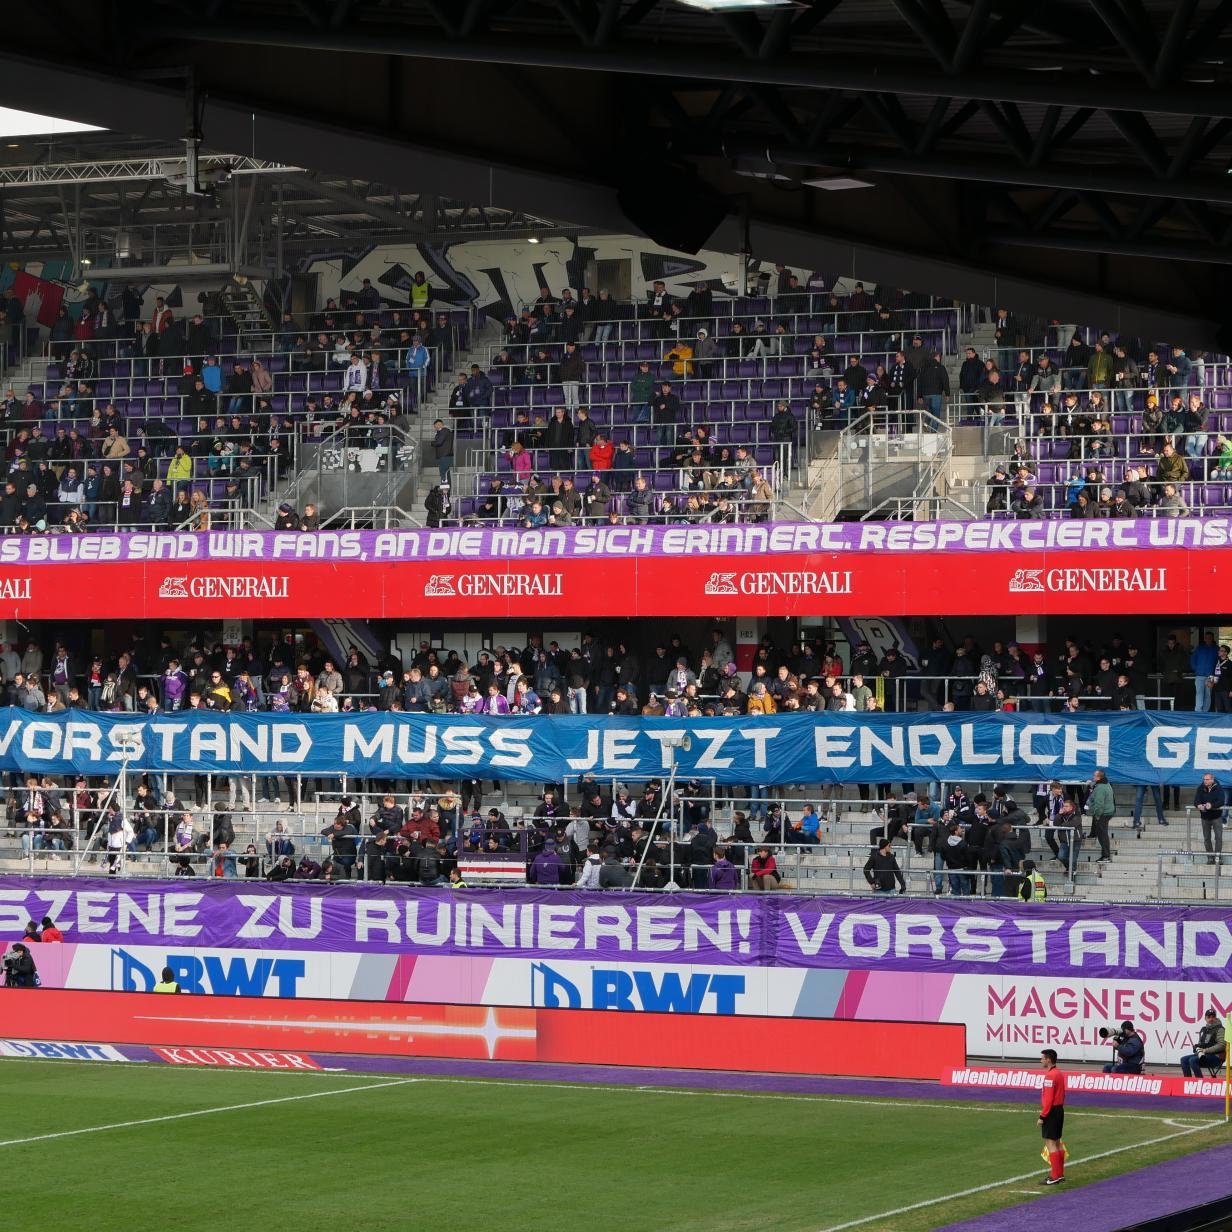 Austria und Fans: Beziehungsstatus sehr kompliziert